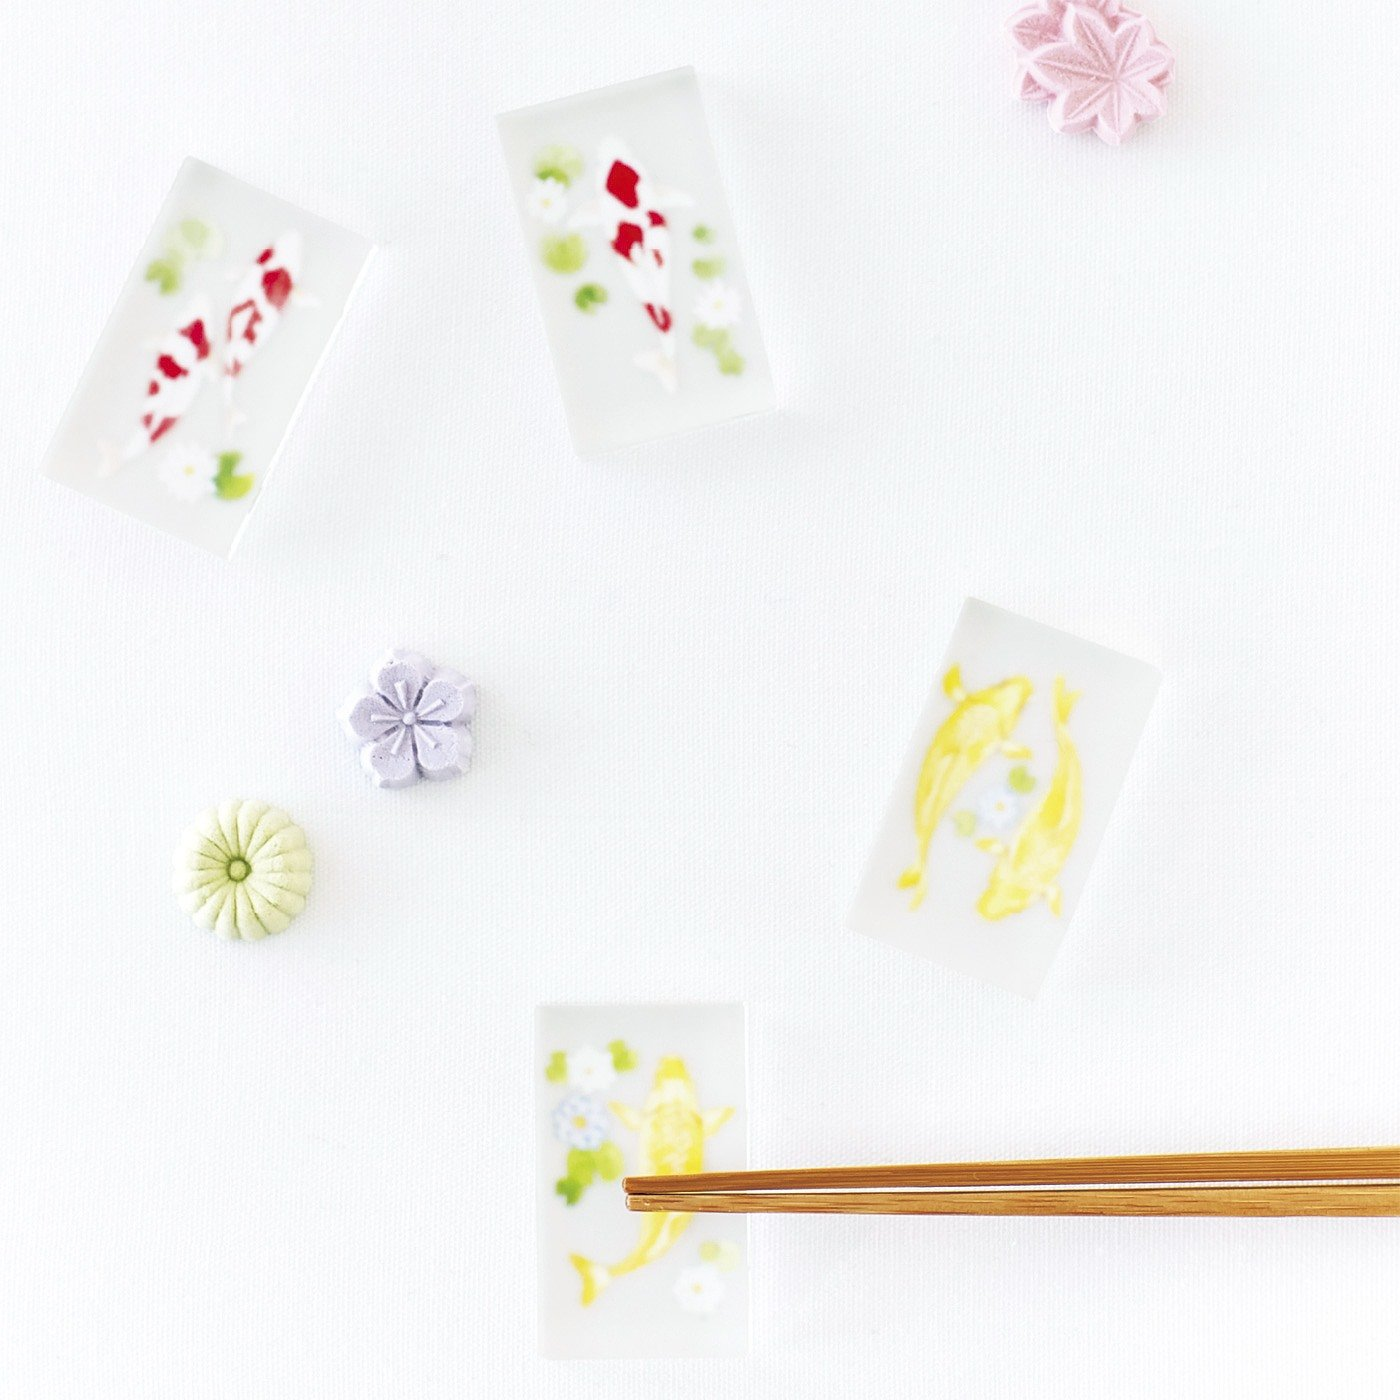 まるで日本庭園みたい 優雅に泳ぐ錦鯉のはし置きの会